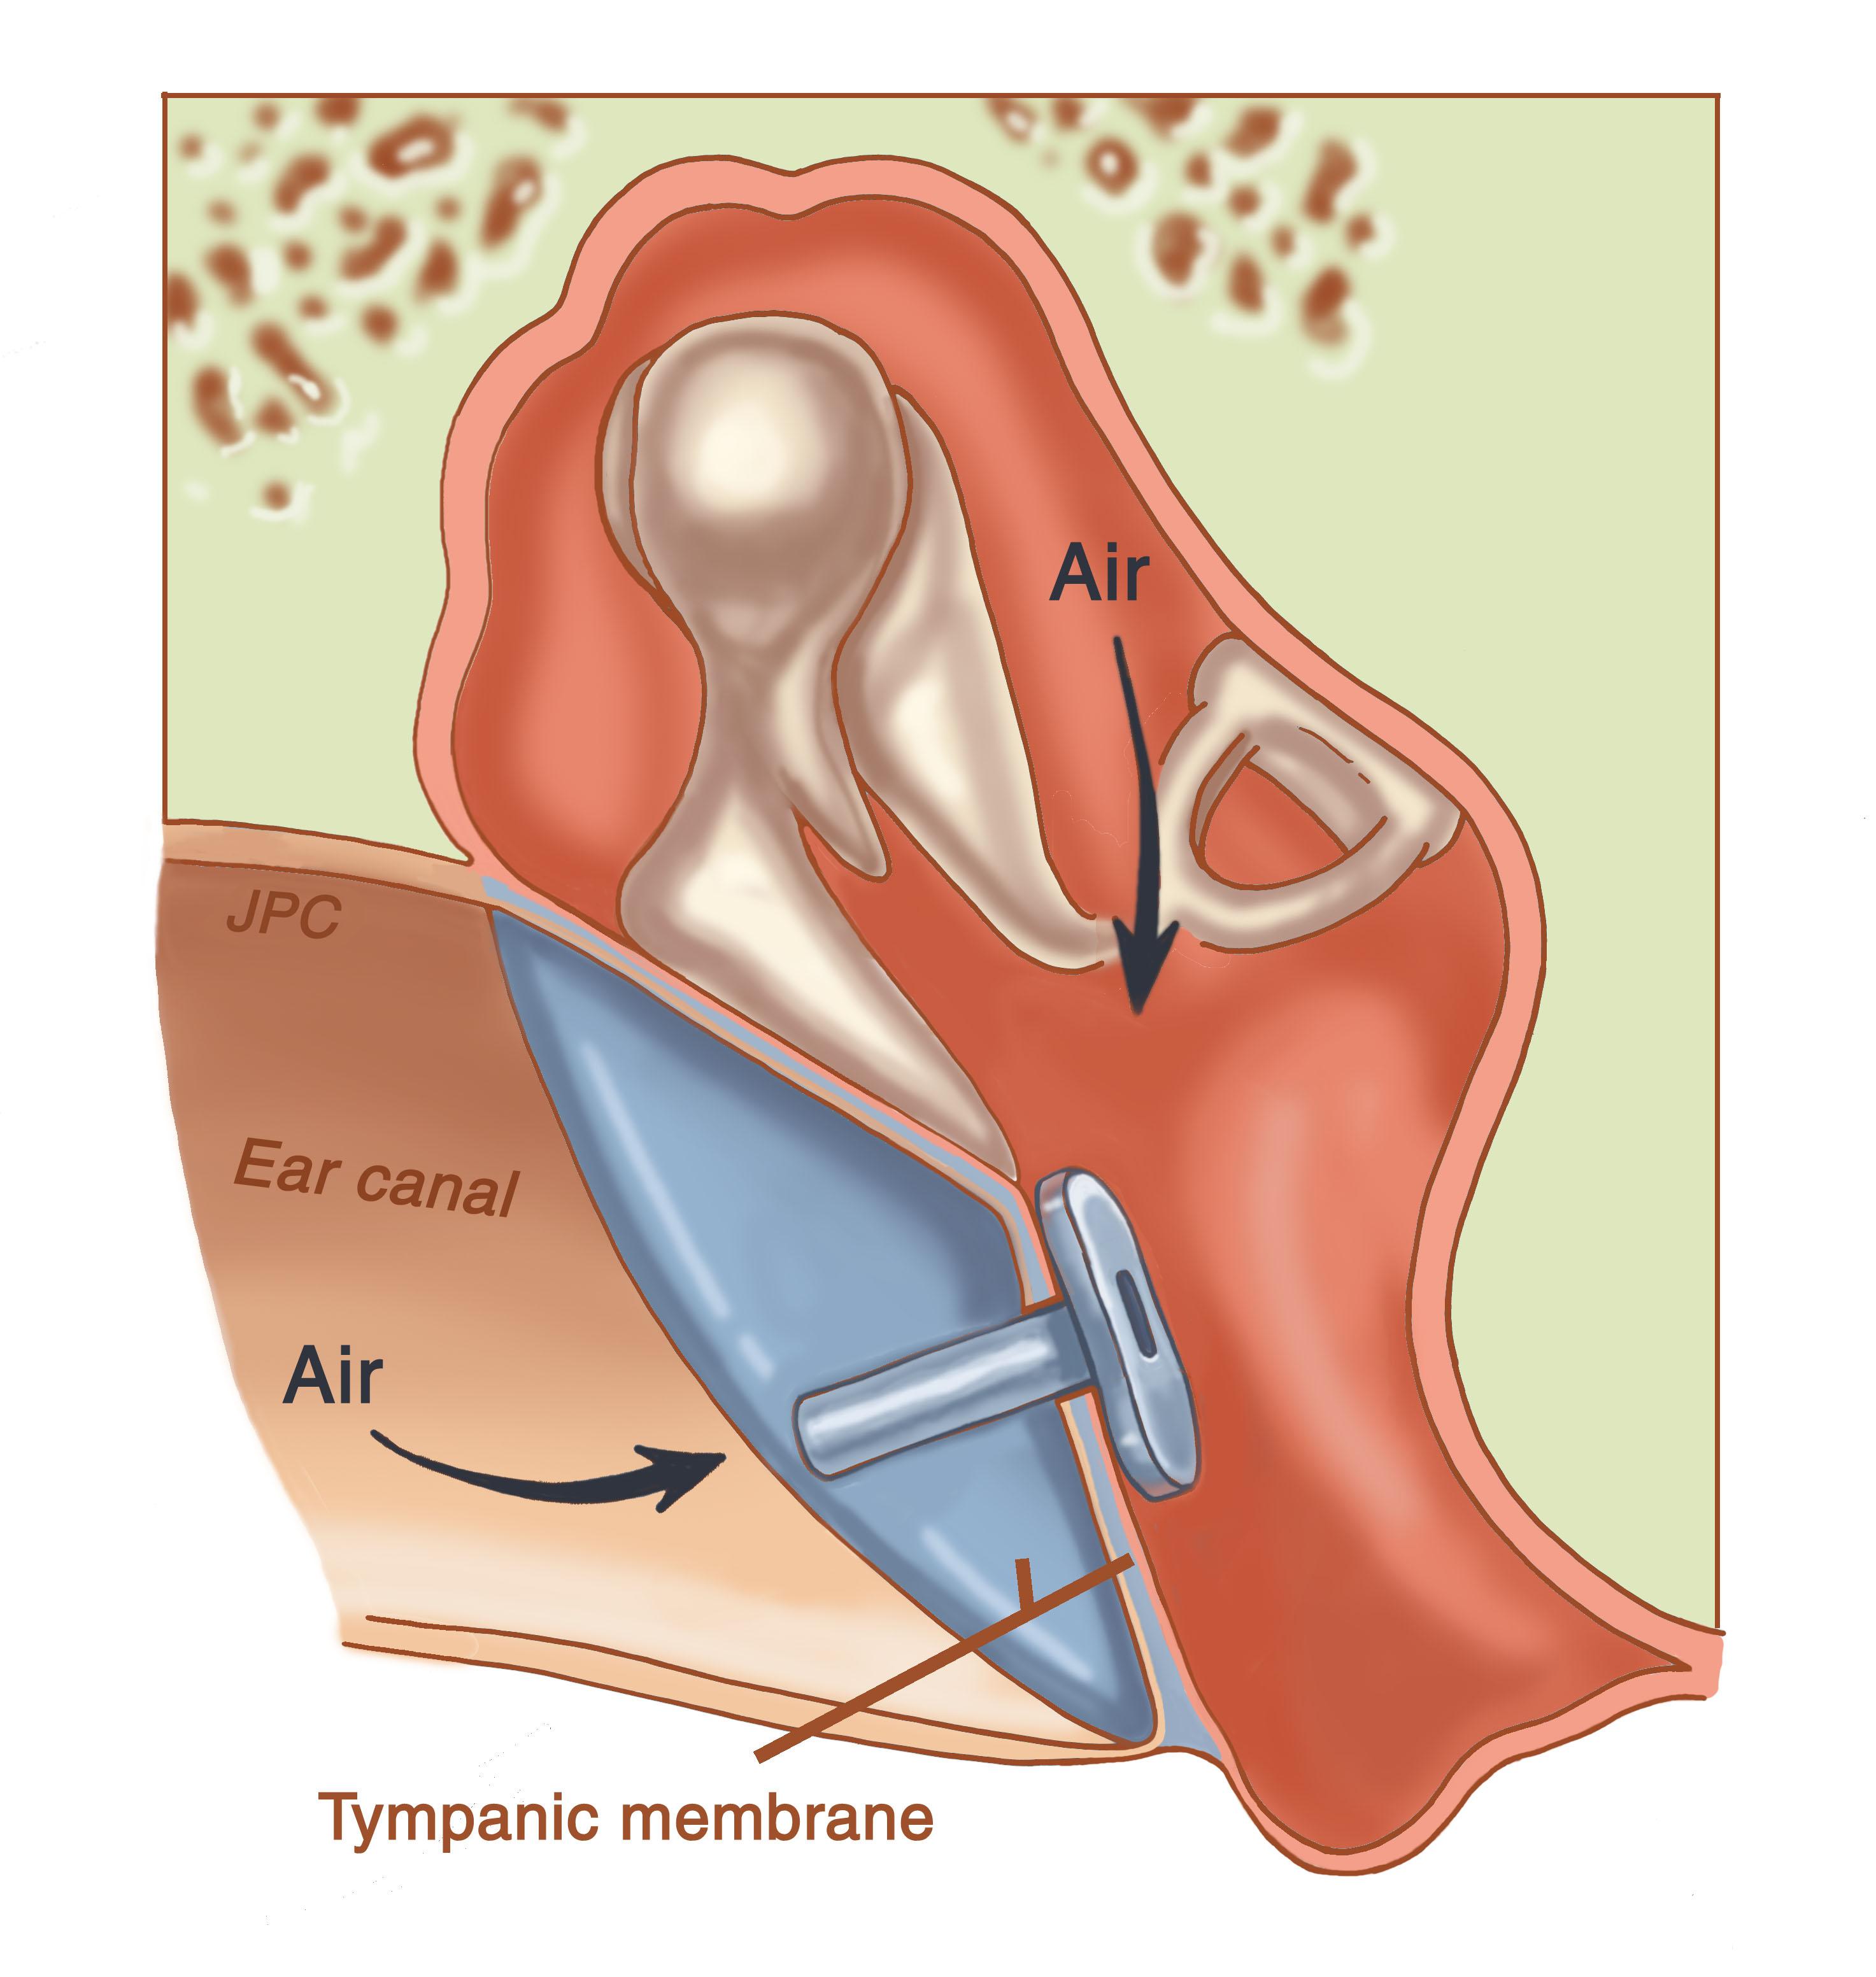 جراح یک سوراخ ریز در پرده گوش باز میکند تا بتواند مایعات را از گوش میانی به بیرون مکش کند. یک لوله ریز (لوله تهویه در گوش) در دهانه گذاشته میشود تا گوش میانی بهراحتی تهویه شود و از تجمع مایعات بیشتر جلوگیری شود.